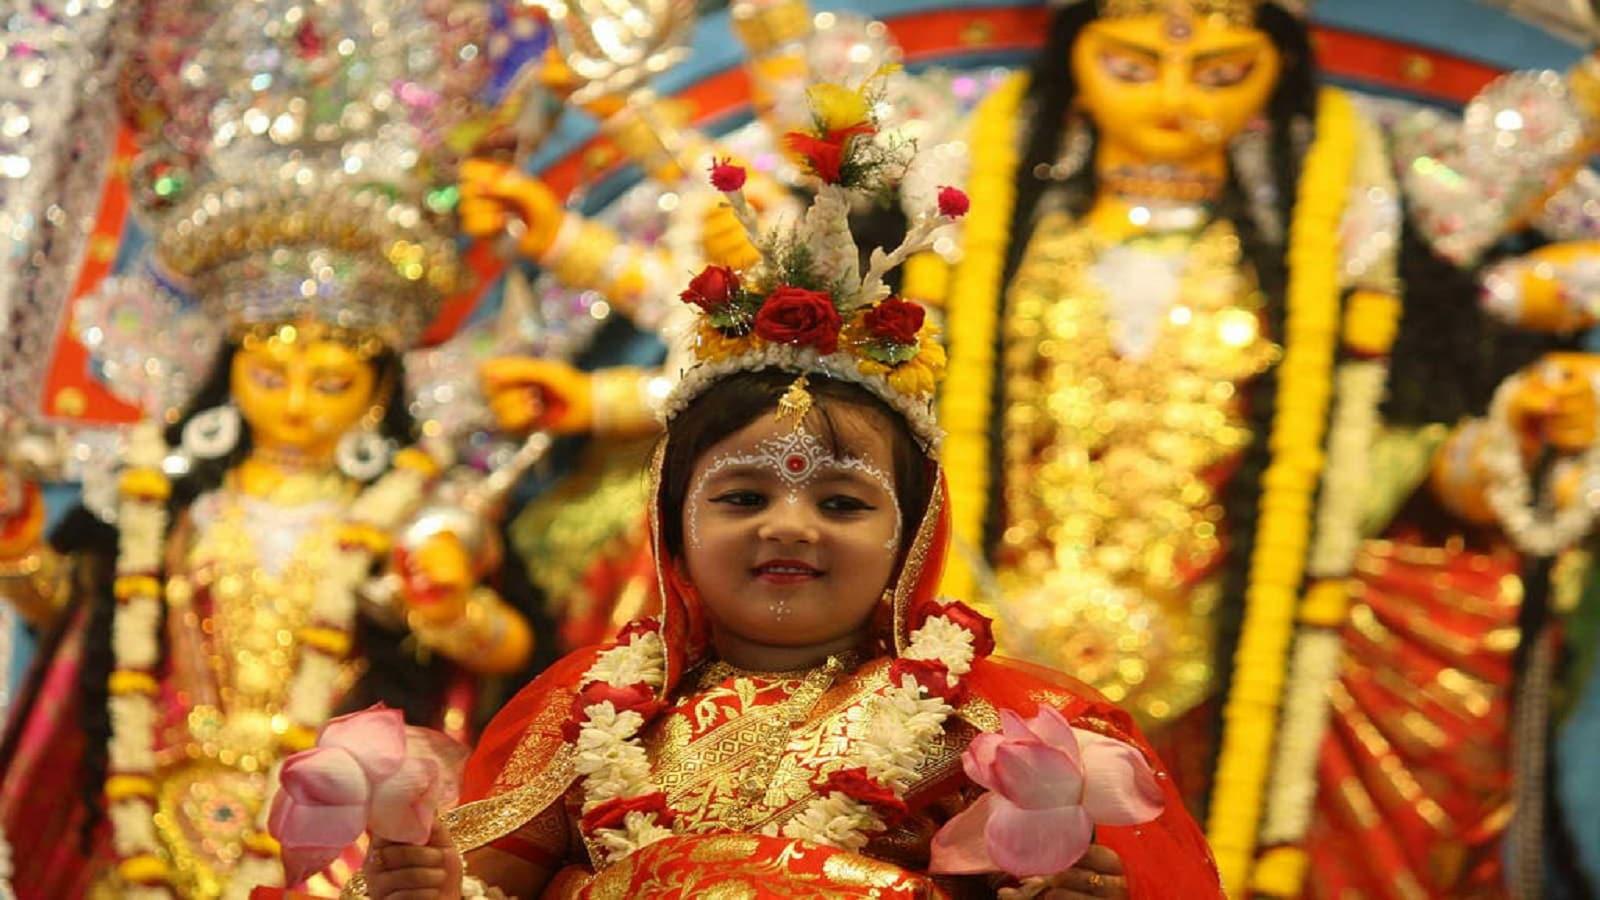 কুমারী পুজো- অষ্টমীর দিন কুমারী পুজো করা হয়। এদিন বাচ্চা মেয়েদের দুর্গার মর্যাদা দিয়ে, দুর্গারূপে তাদের পুজো করা হয়।